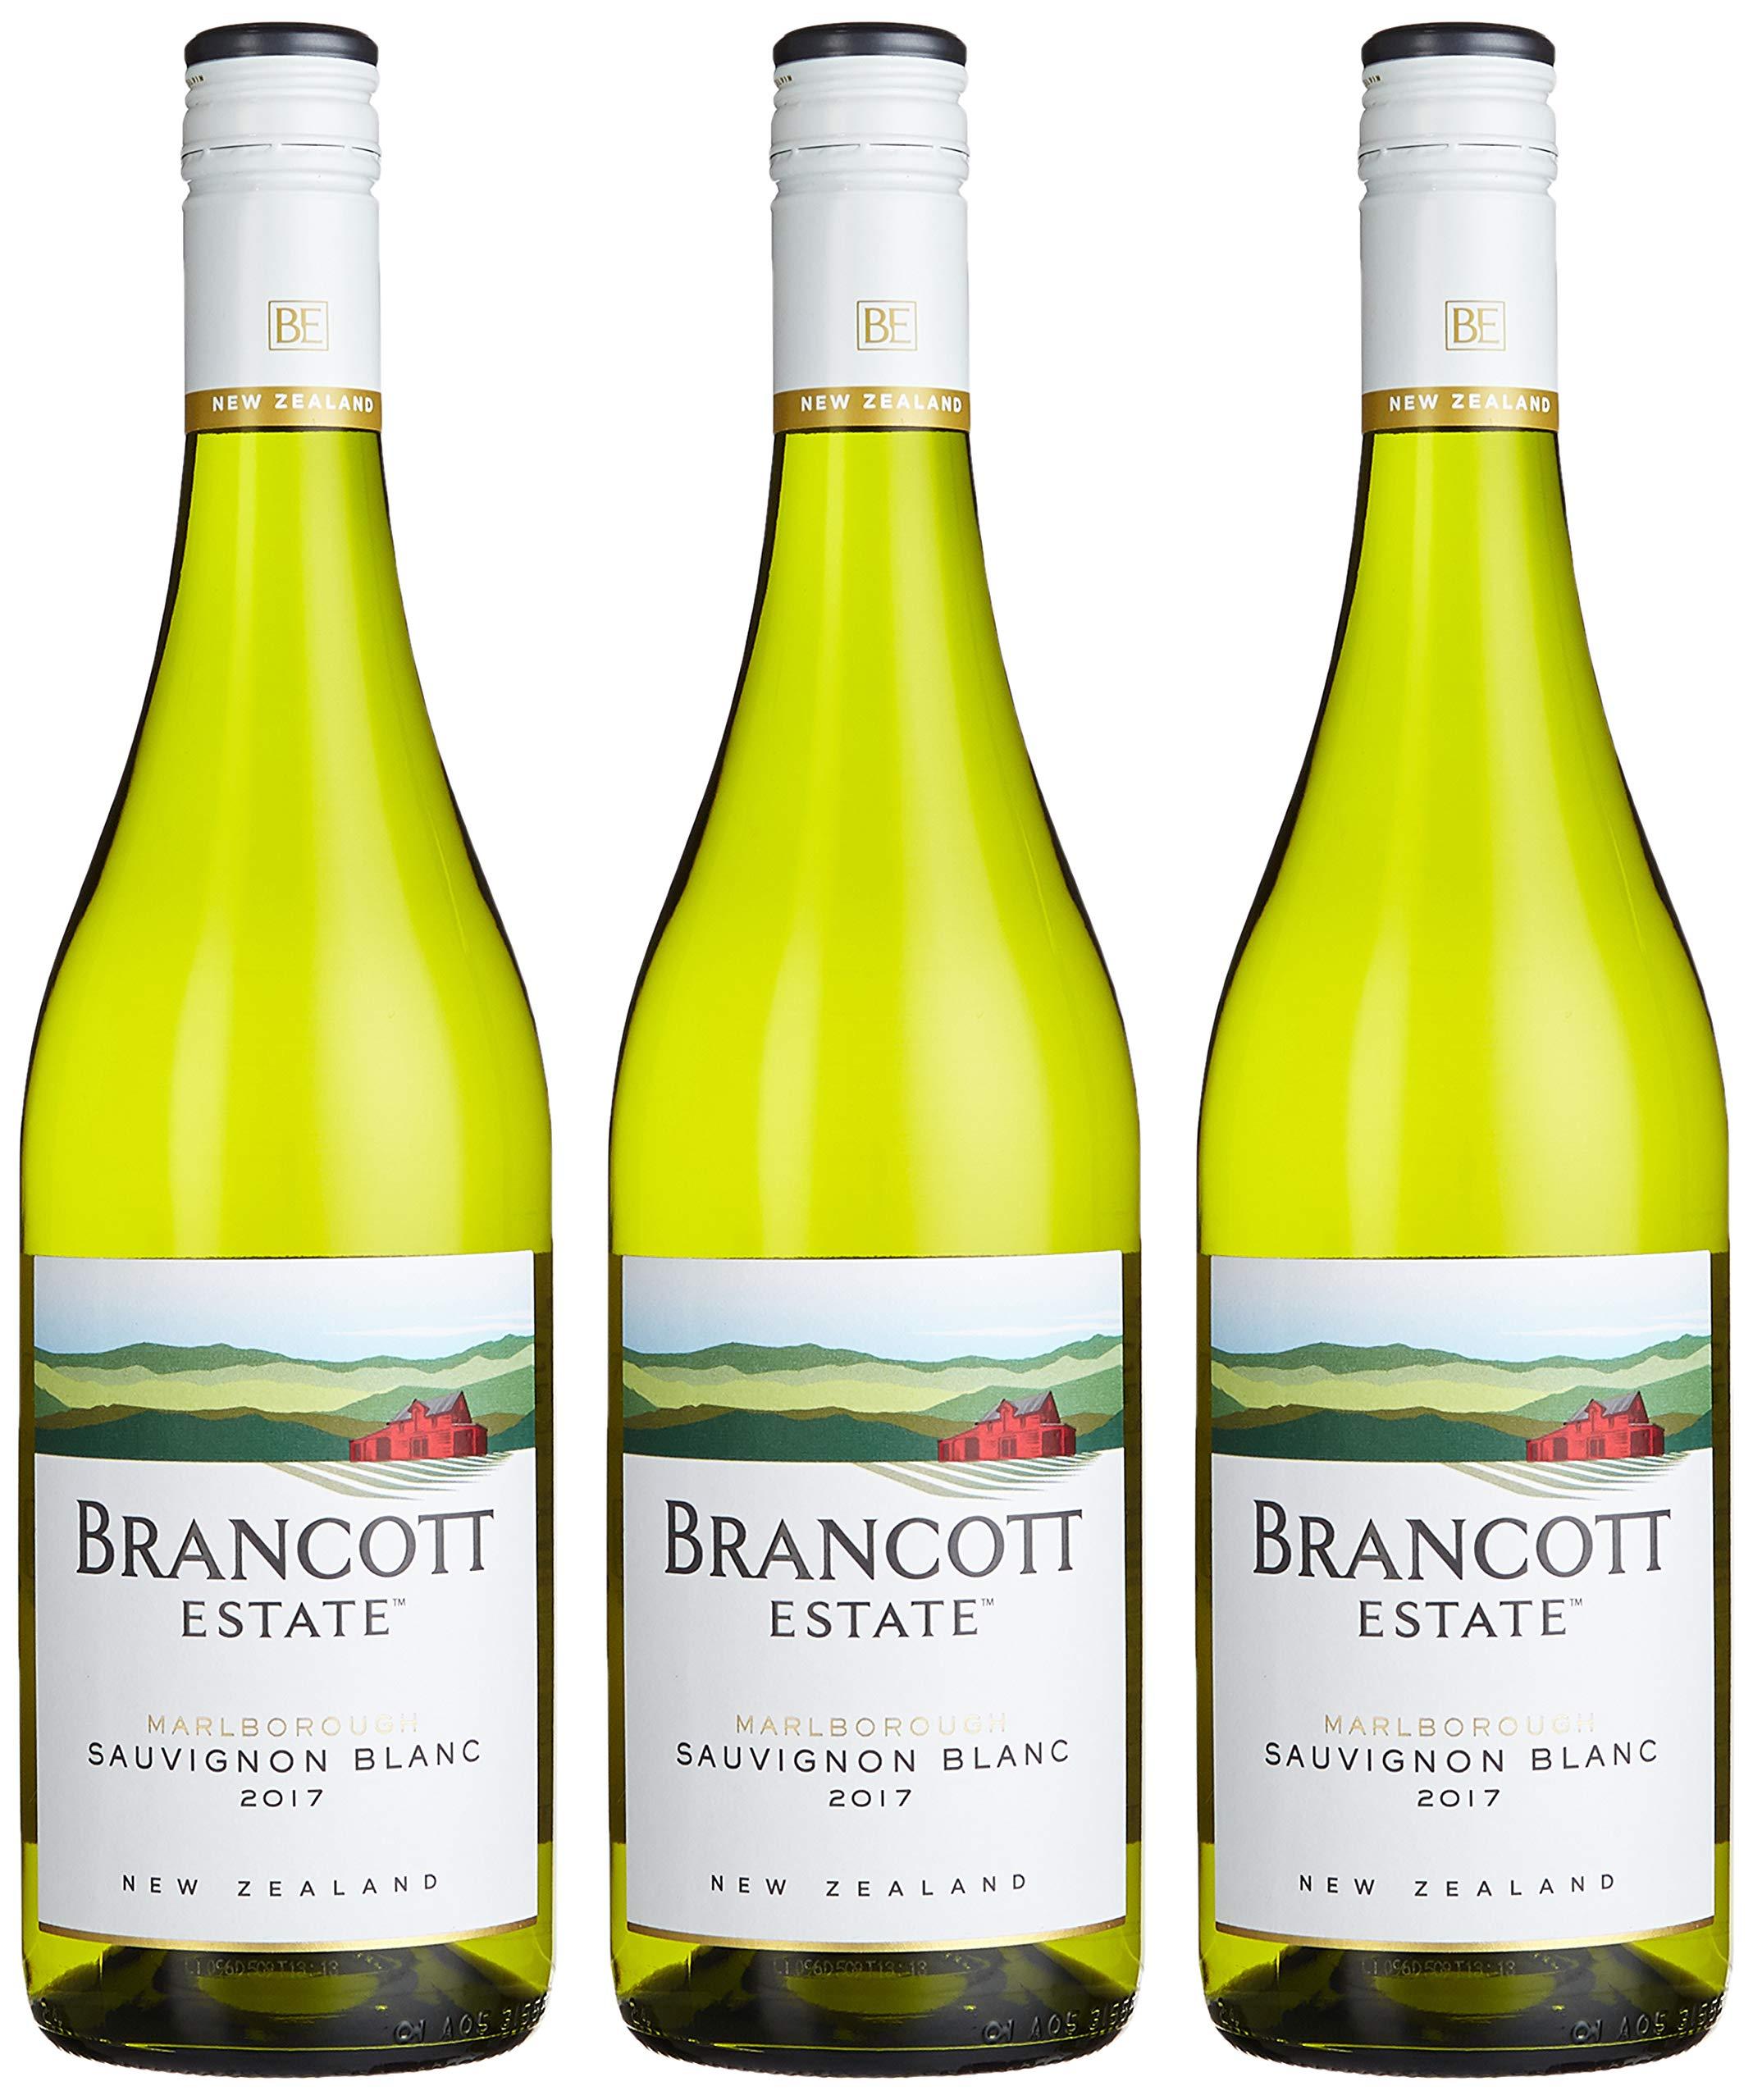 Brancott-Estate-Sauvignon-Blanc-20162016-Trocken-3-x-075-l